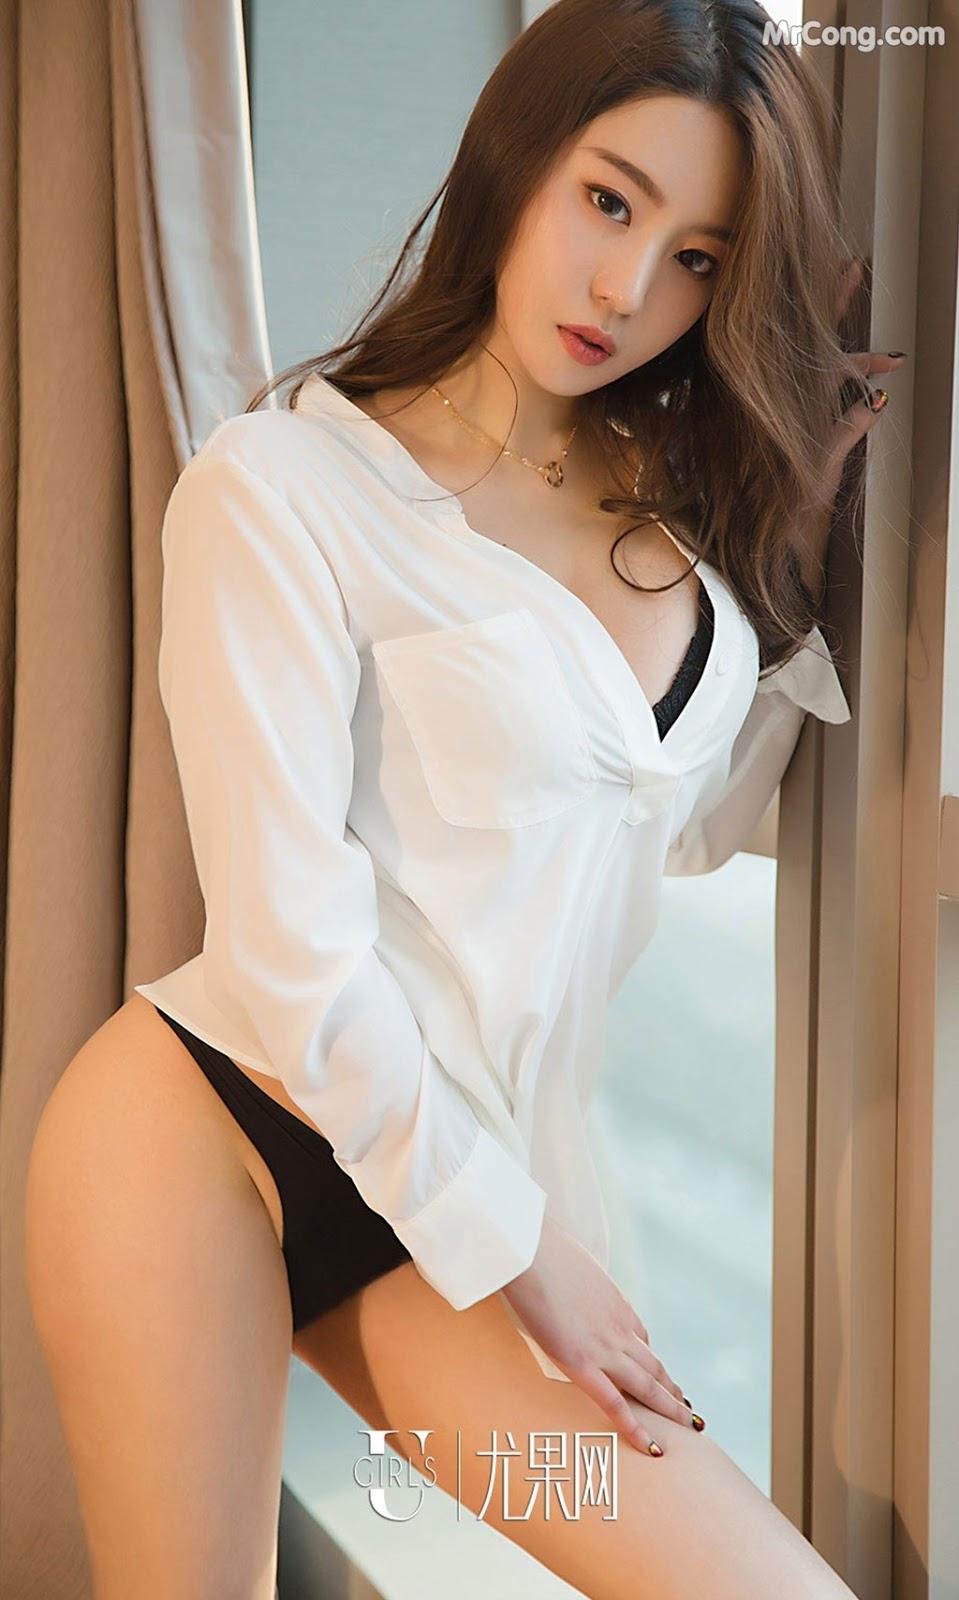 Image UGIRLS-Ai-You-Wu-App-No.1355-Zhong-Qing-MrCong.com-005 in post UGIRLS – Ai You Wu App No.1355: Người mẫu Zhong Qing (钟晴) (35 ảnh)